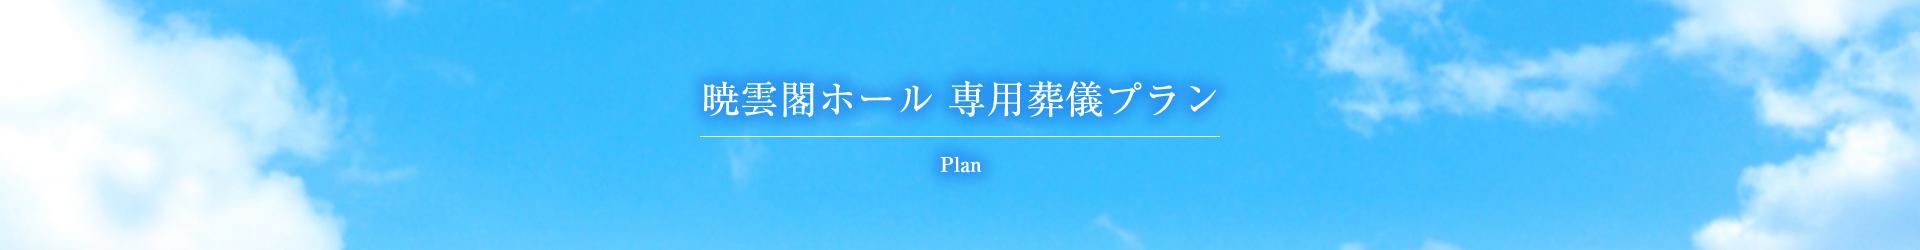 暁雲閣ホール 葬儀プラン